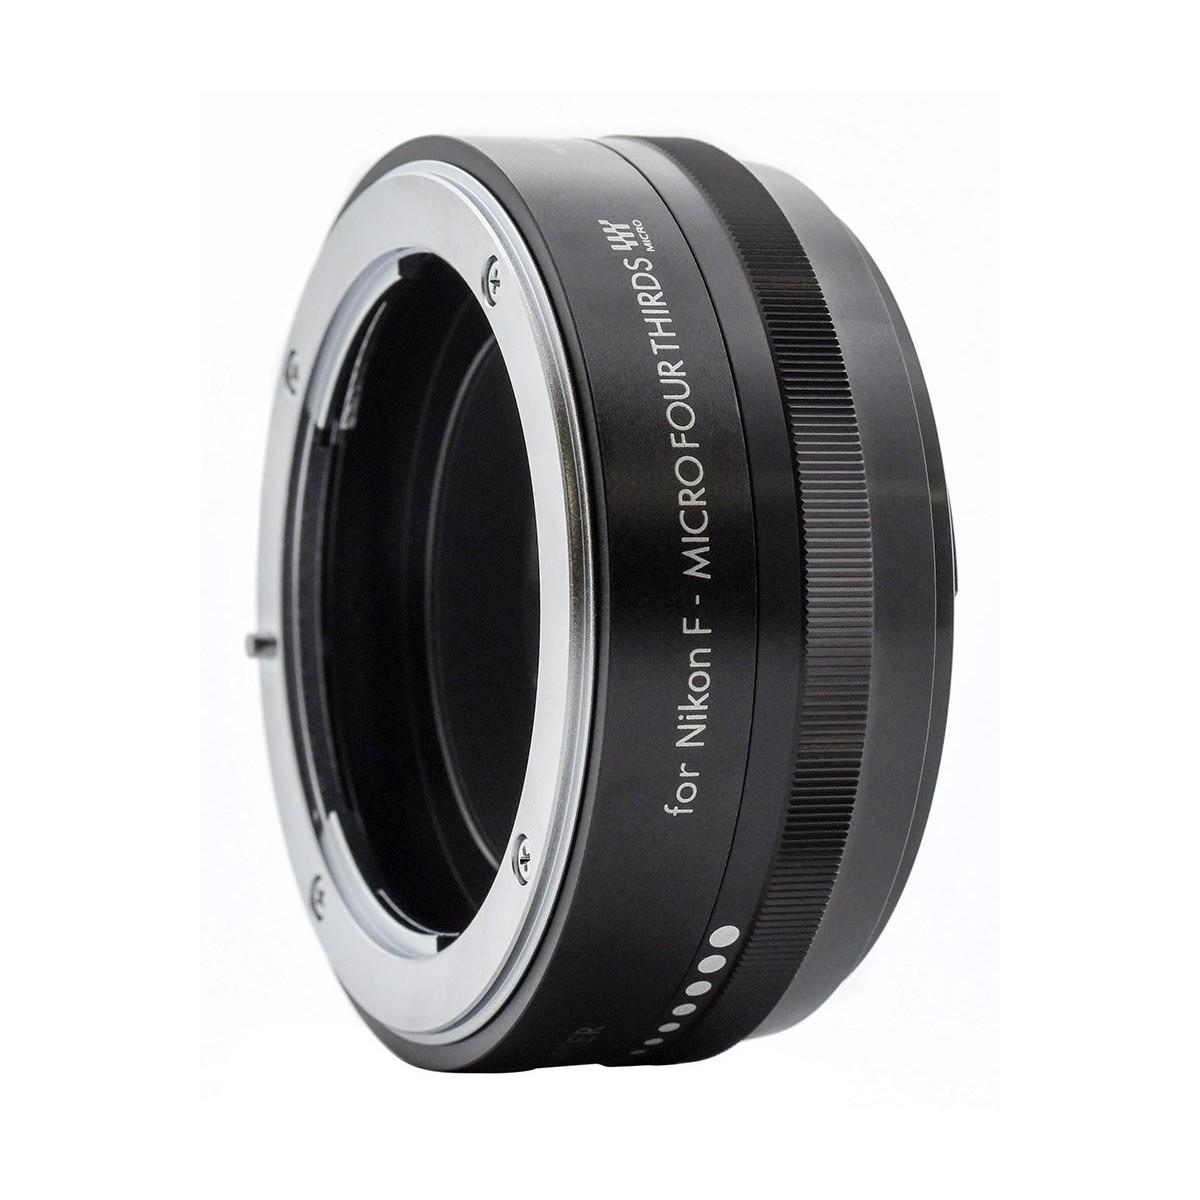 KENKO - Bague d'adaptation pour optiques en monture Nikon F vers Micro 4/3.